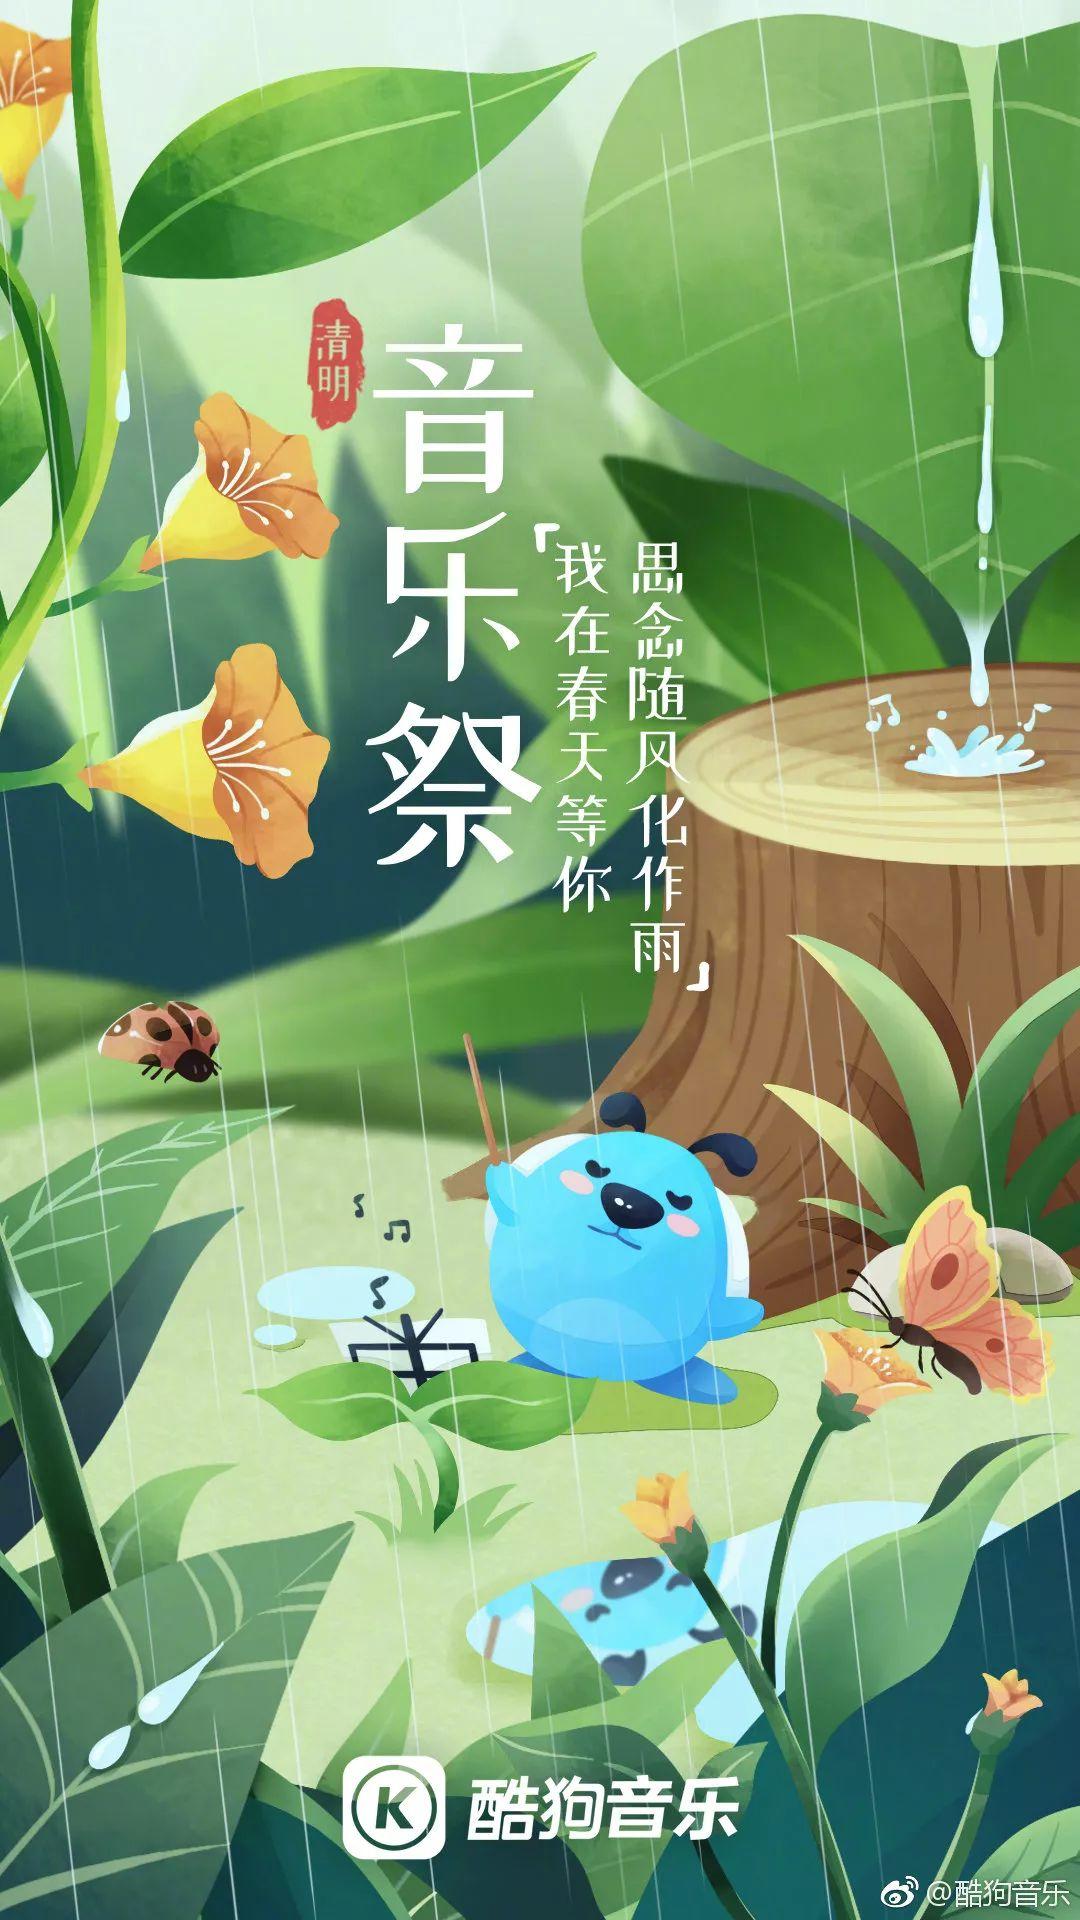 清明节海报文案: 低头追思故人,抬头迈向春天!插图51